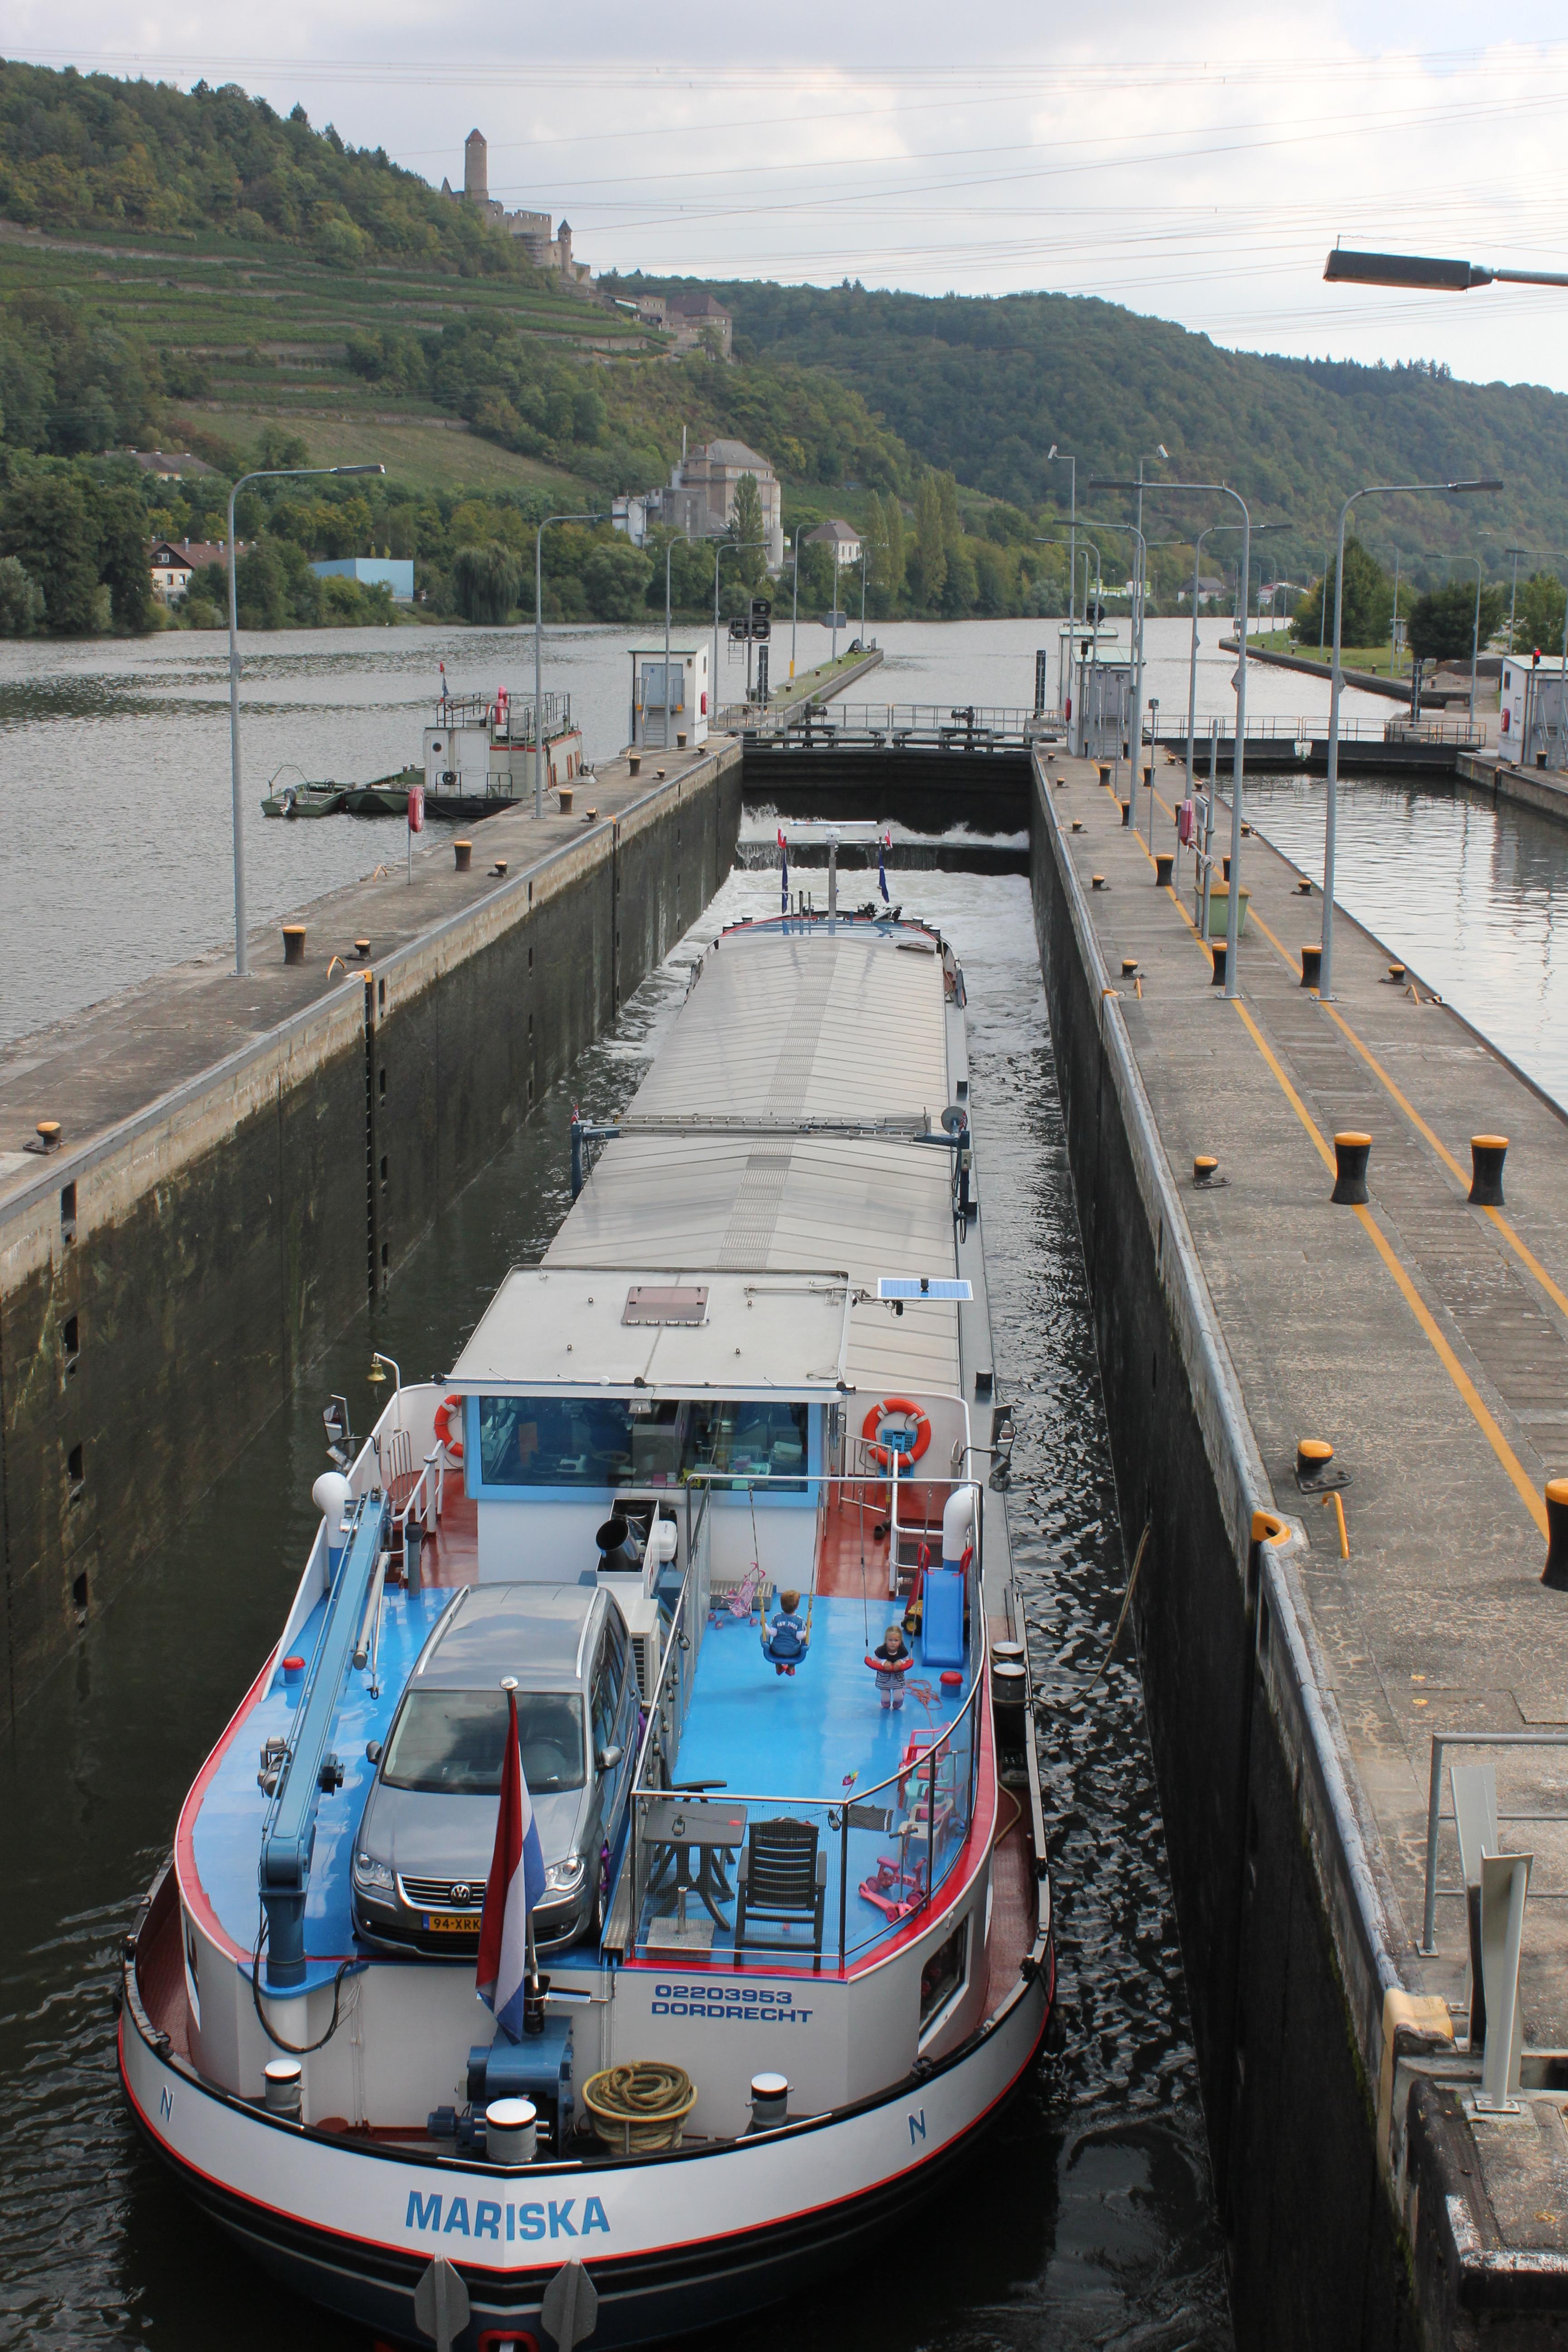 Schiffsschleuse – Wikipedia